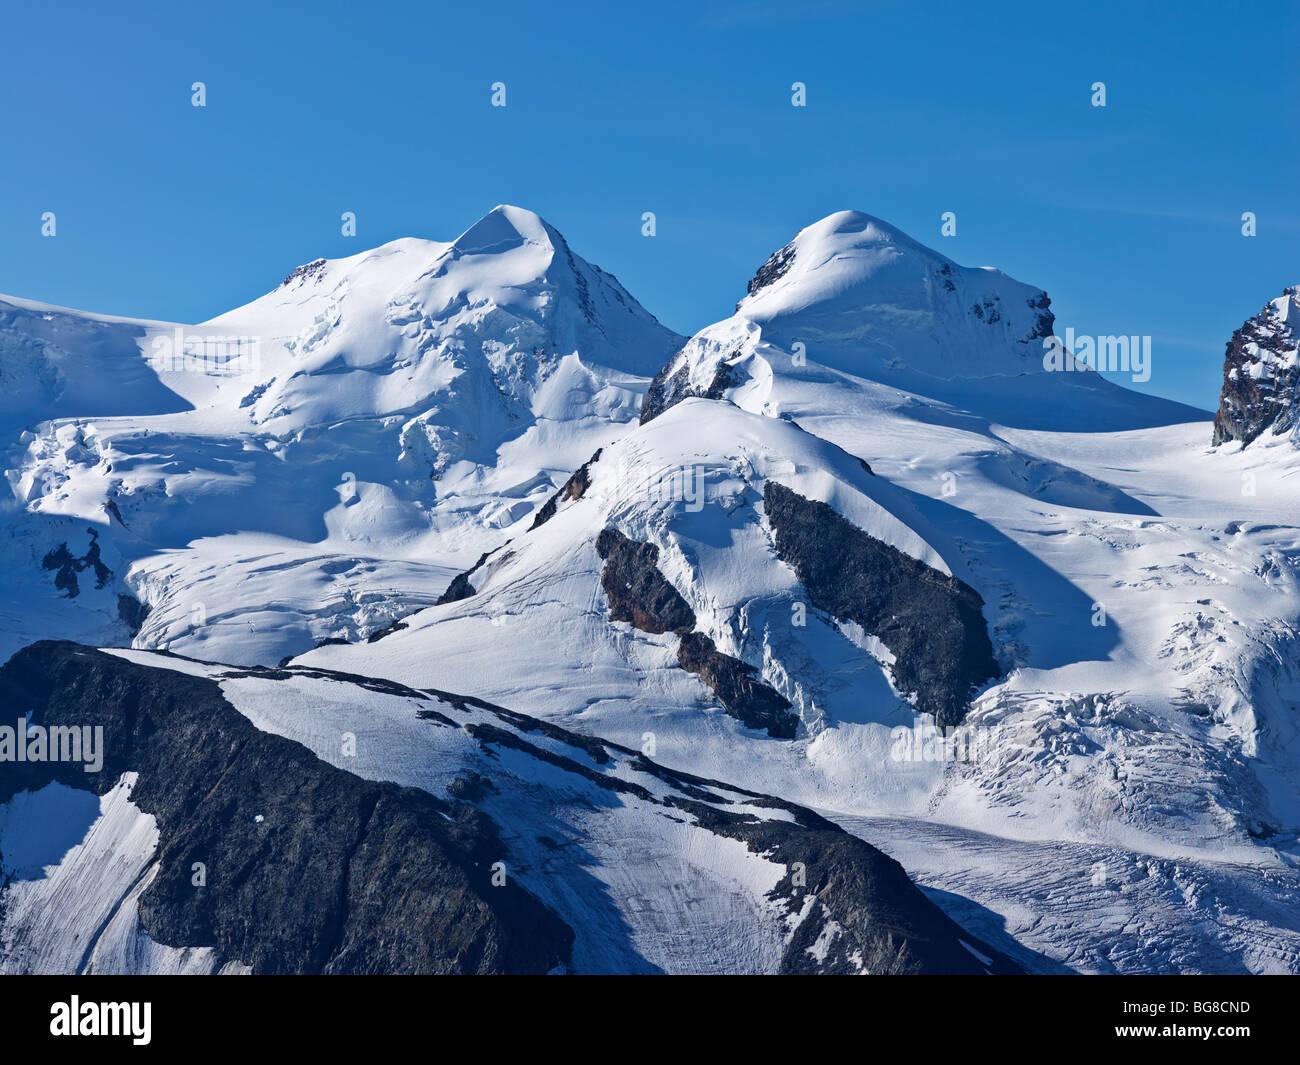 Switzerland, Valais, Zermatt, Gornergrat,peaks of mount Liskamm and Breithorn as viewed from the Gornergrat - Stock Image